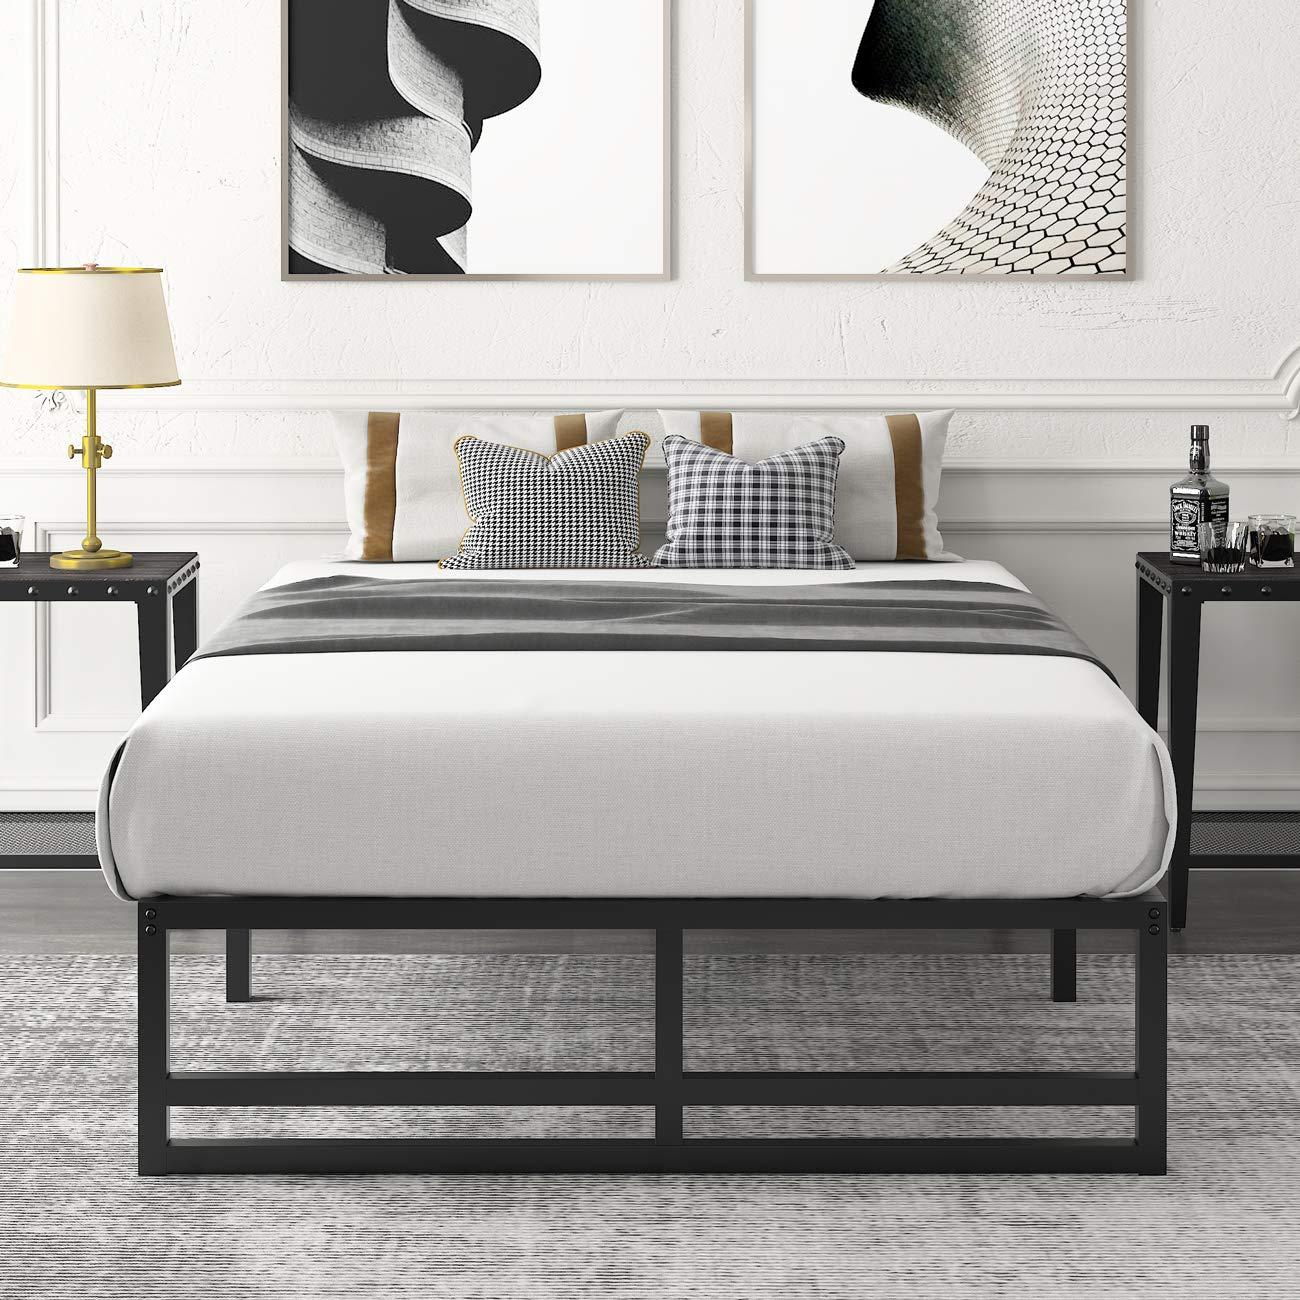 Amolife Metal Platform Bed Frame with Steel Slat Support,Mattress Foundation, Twin Size Bed Frame, Black